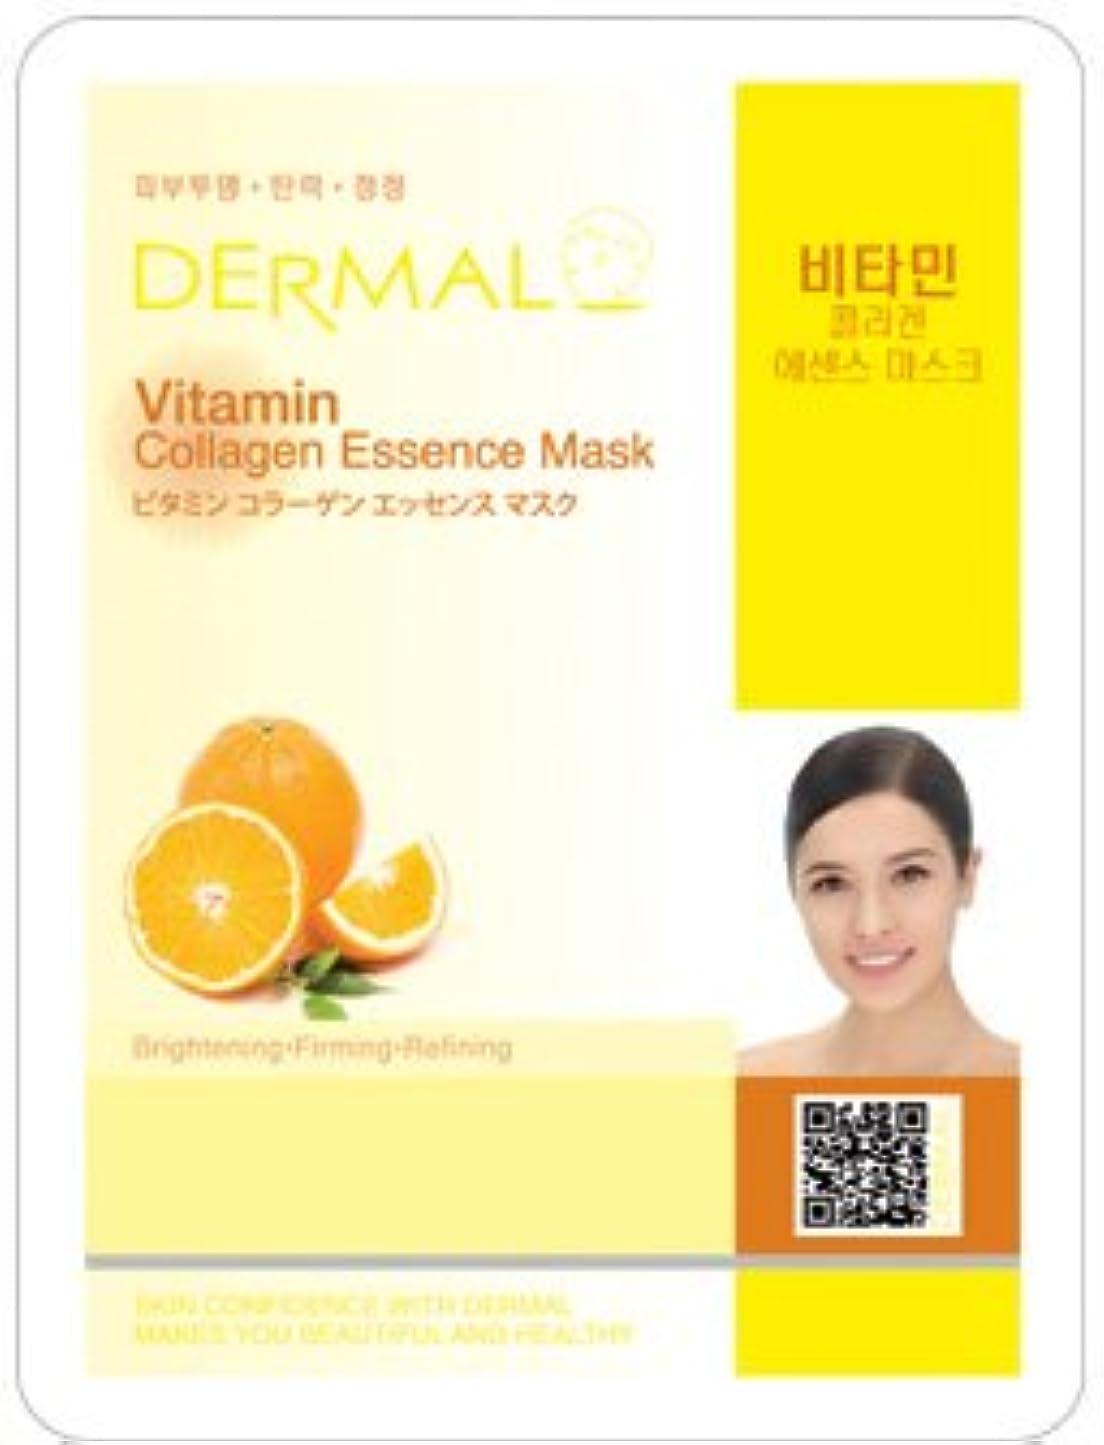 注意設計図プレミアムシートマスク ビタミン 100枚セット ダーマル(Dermal) フェイス パック